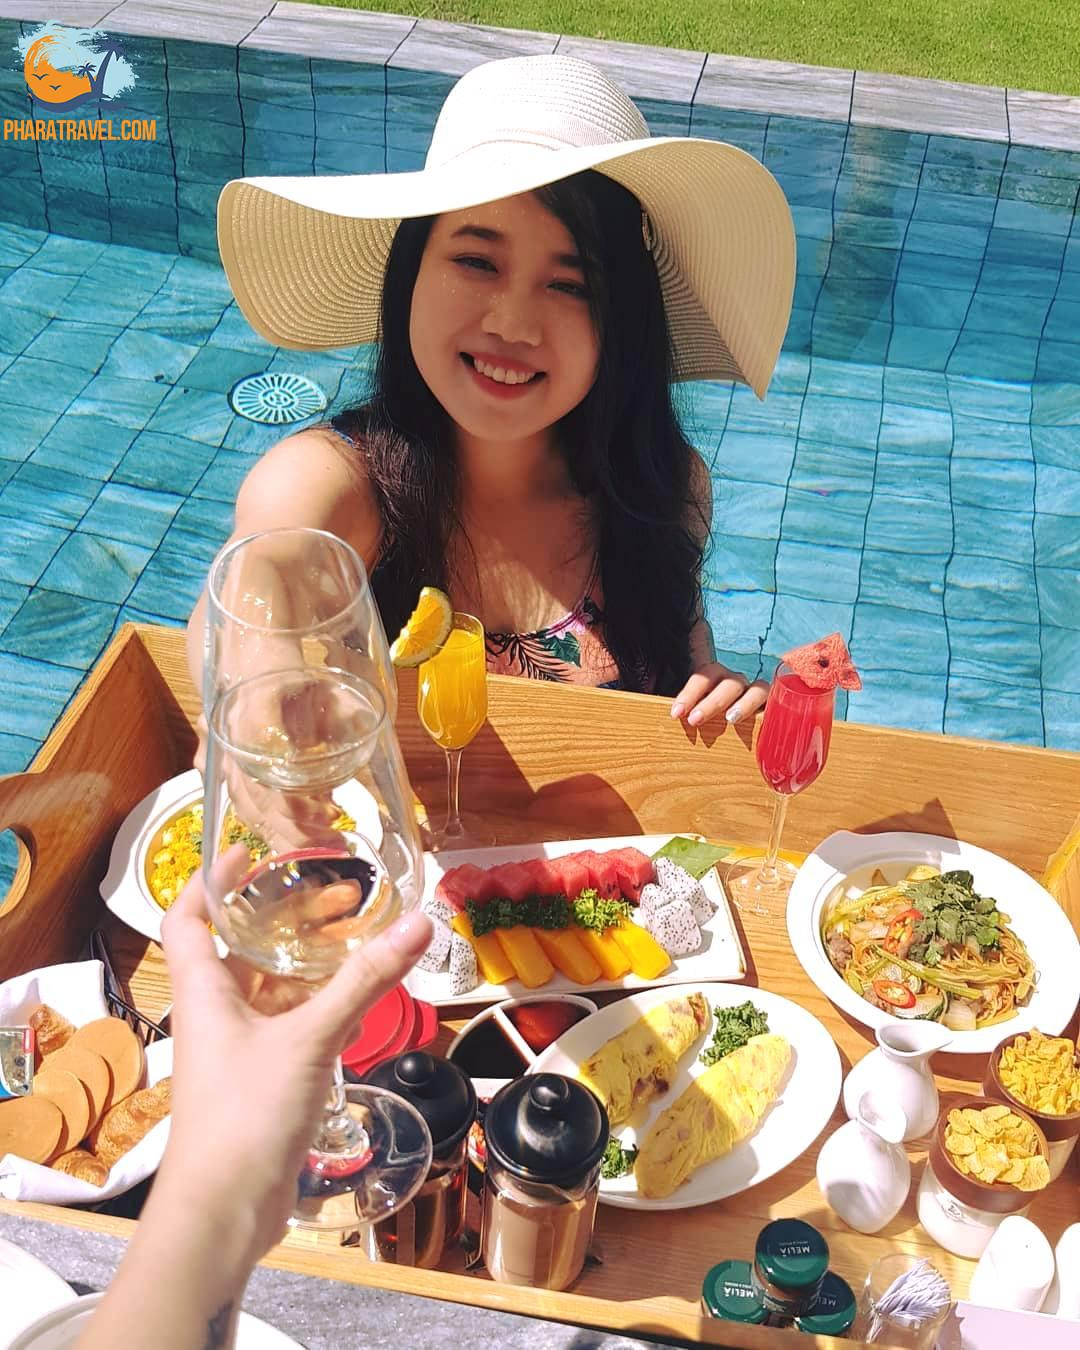 Melia Hồ Tràm beach resort: Khu nghỉ dưỡng sang trọng tại Vũng Tàu